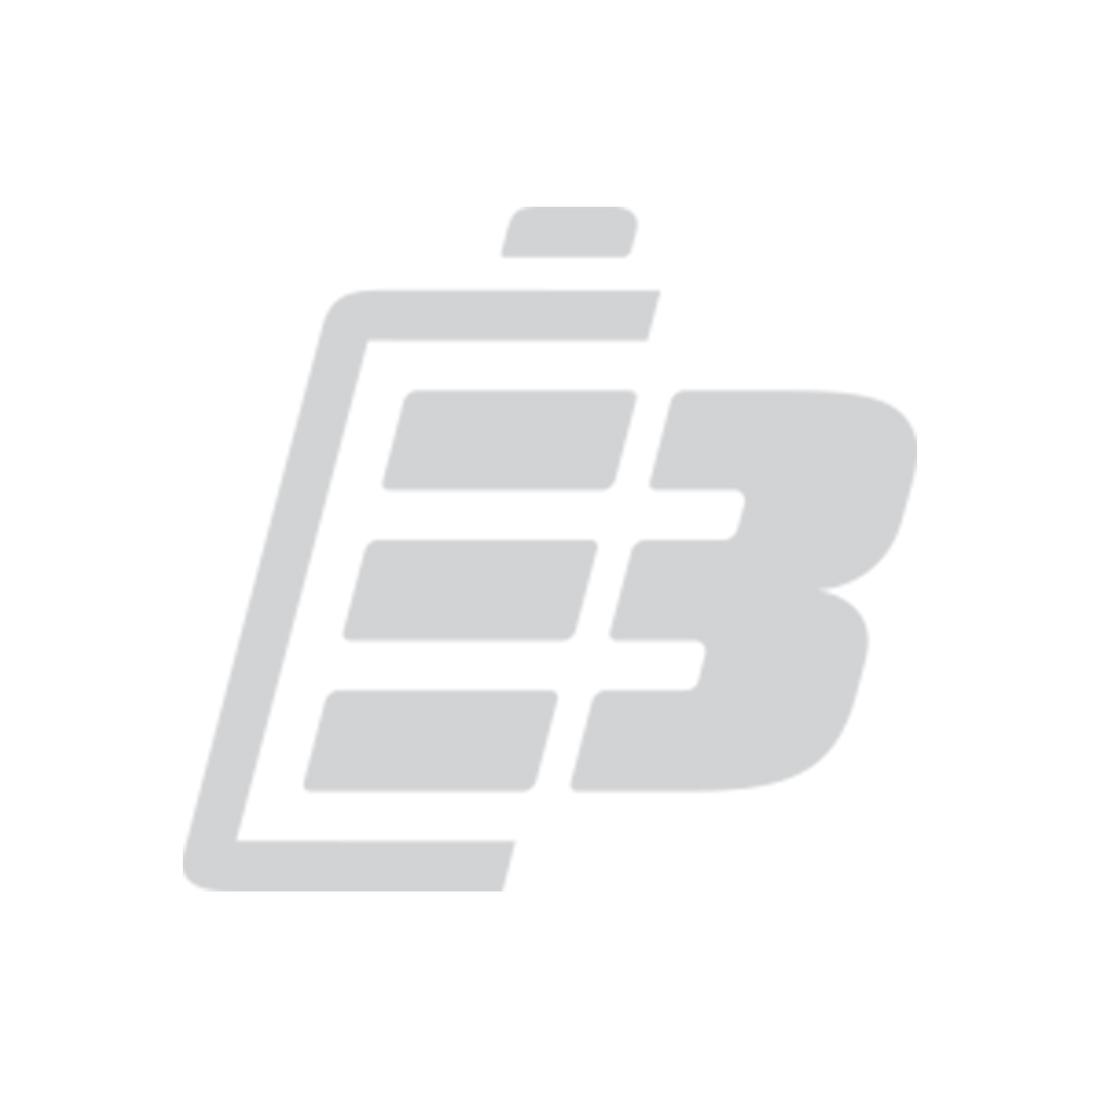 Crane remote control battery Scanreco 960_1